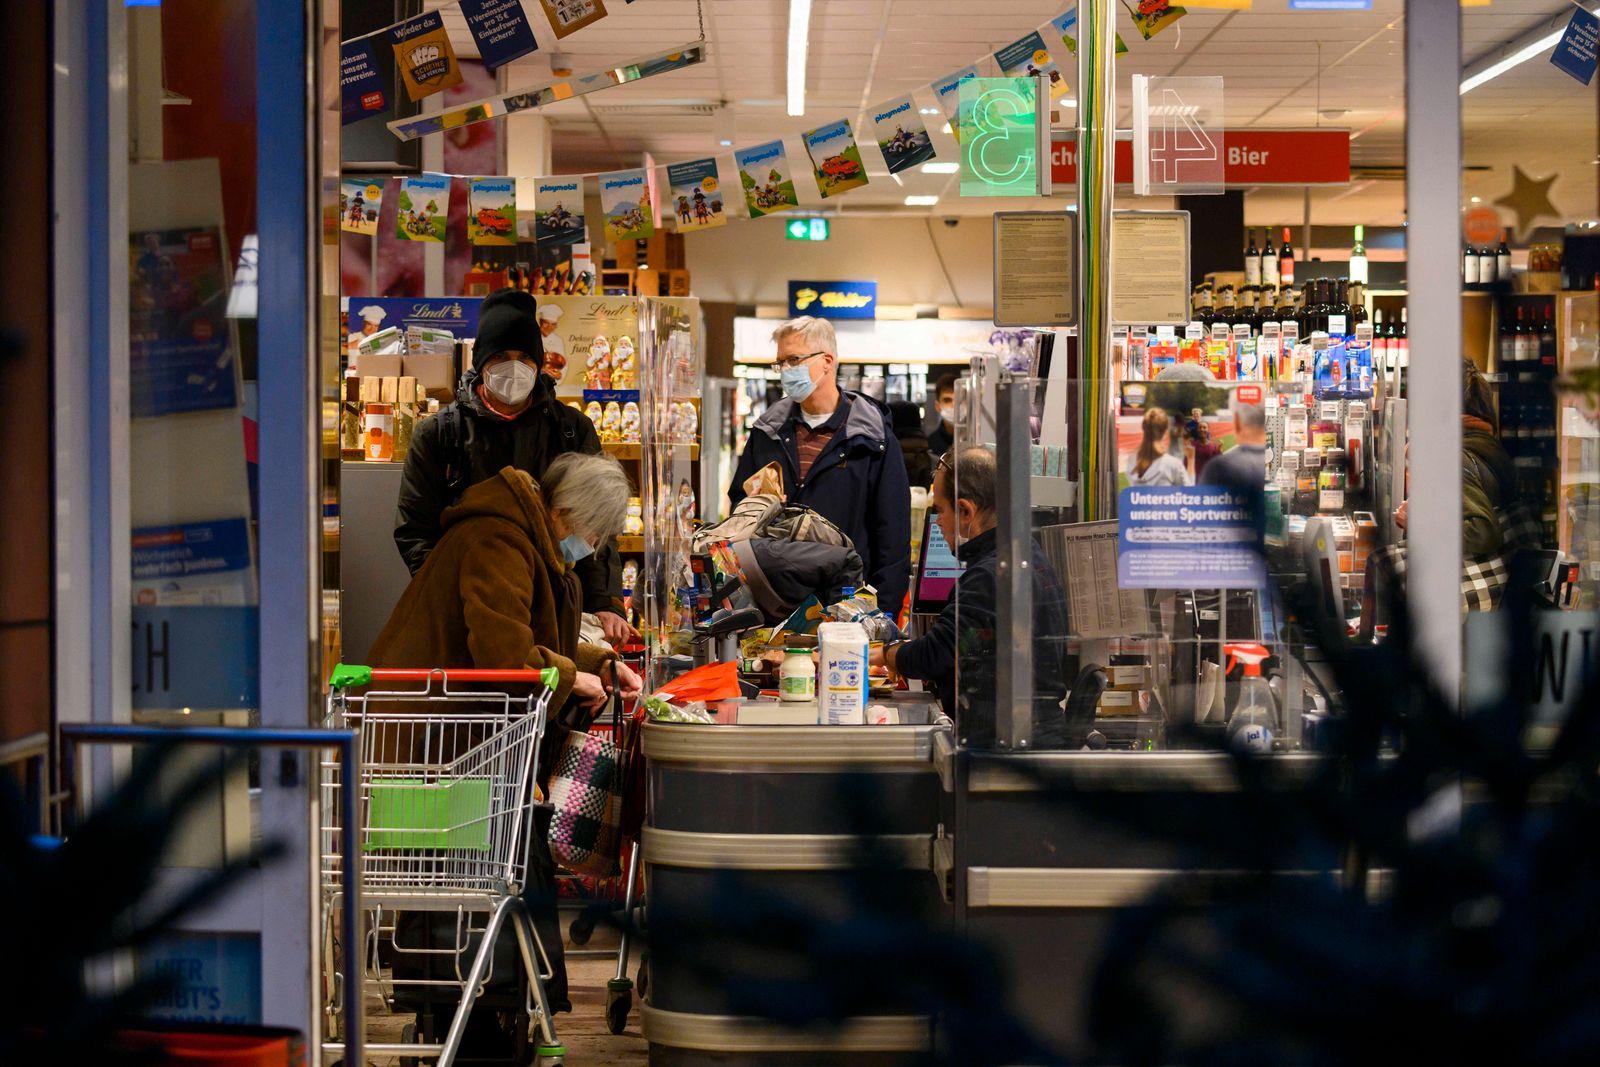 Einkaufen vor dem harten Lockdown. 12.12.2020 Frankfurt x1x Corona Virus: Kommt der harte Lockdown? Menschenmassen beim